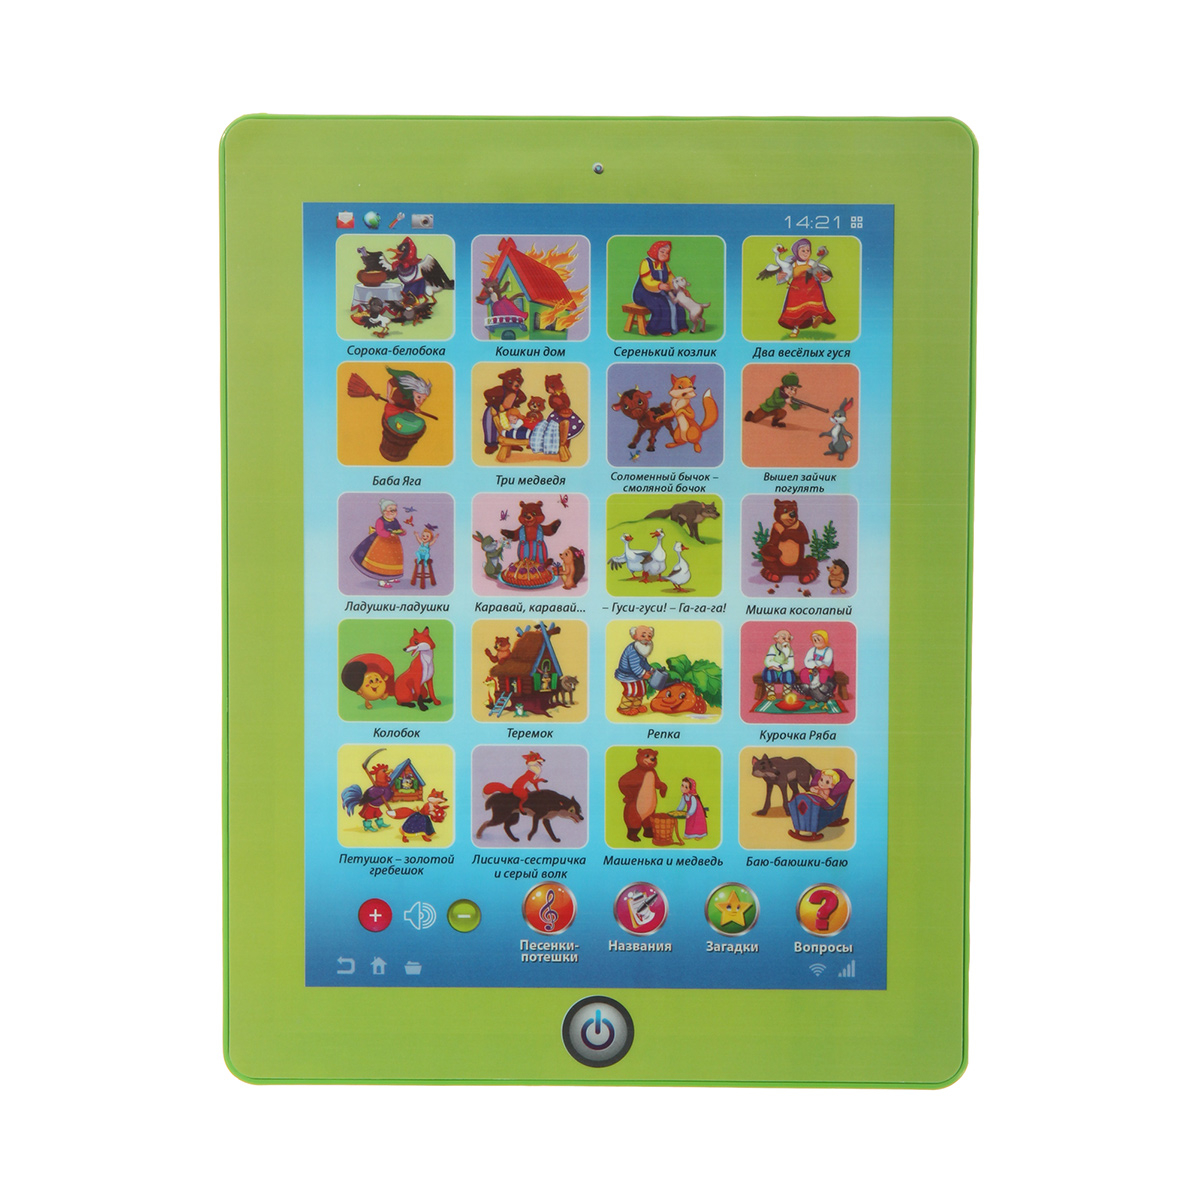 Планшет звуковой - Песенки-потешкиПланшеты, Электронные книги и плакаты<br>Планшет звуковой - Песенки-потешки<br>